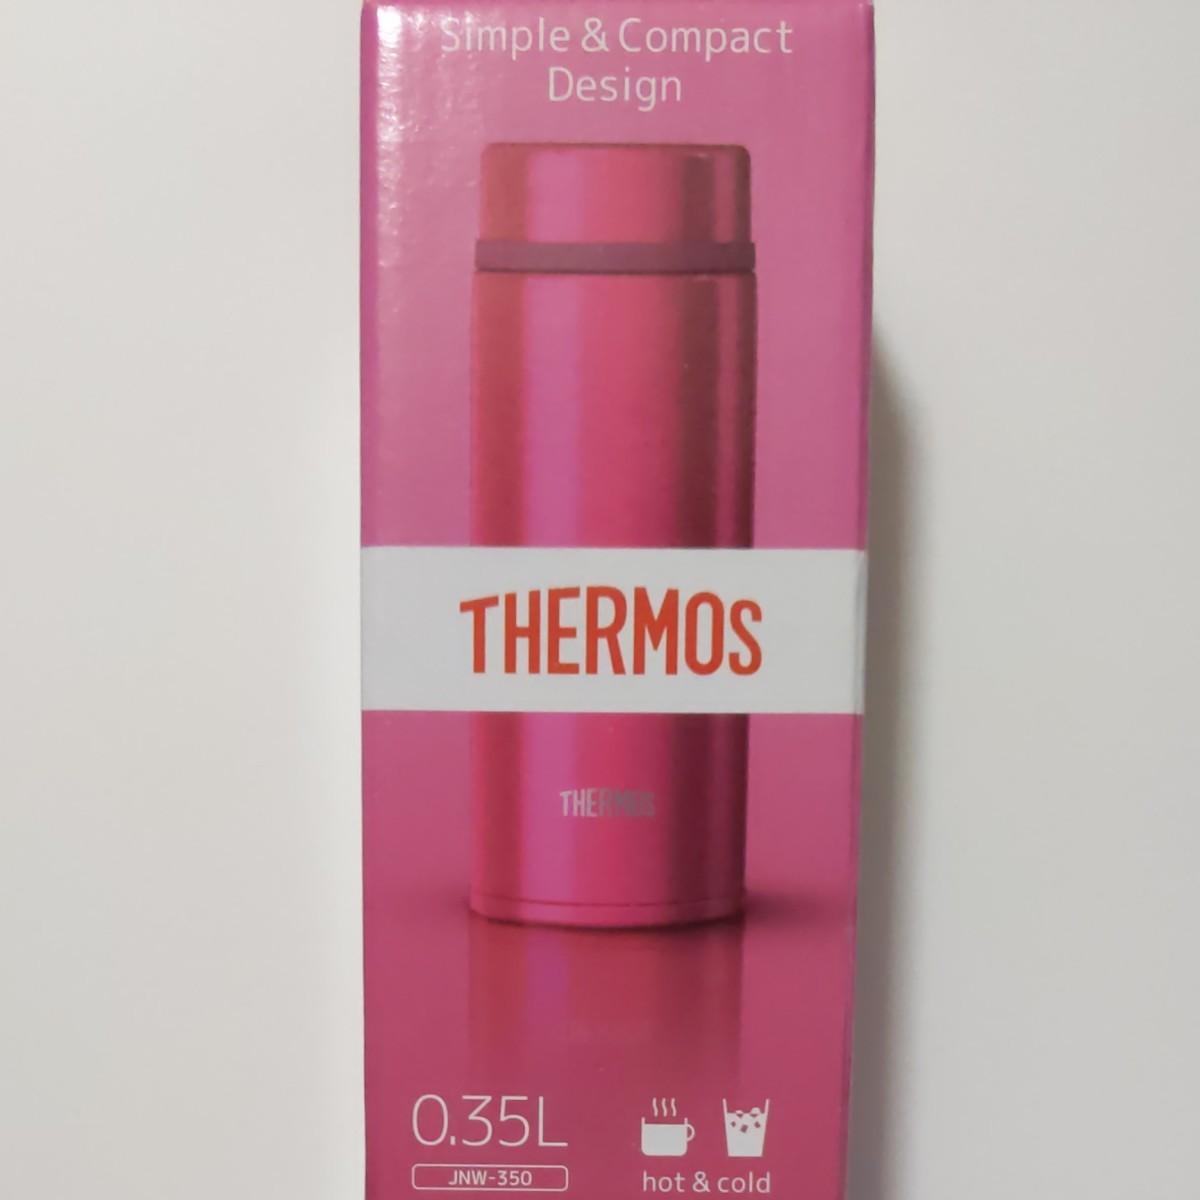 THERMOS サーモス 真空断熱 ケータイ マグ0.35L